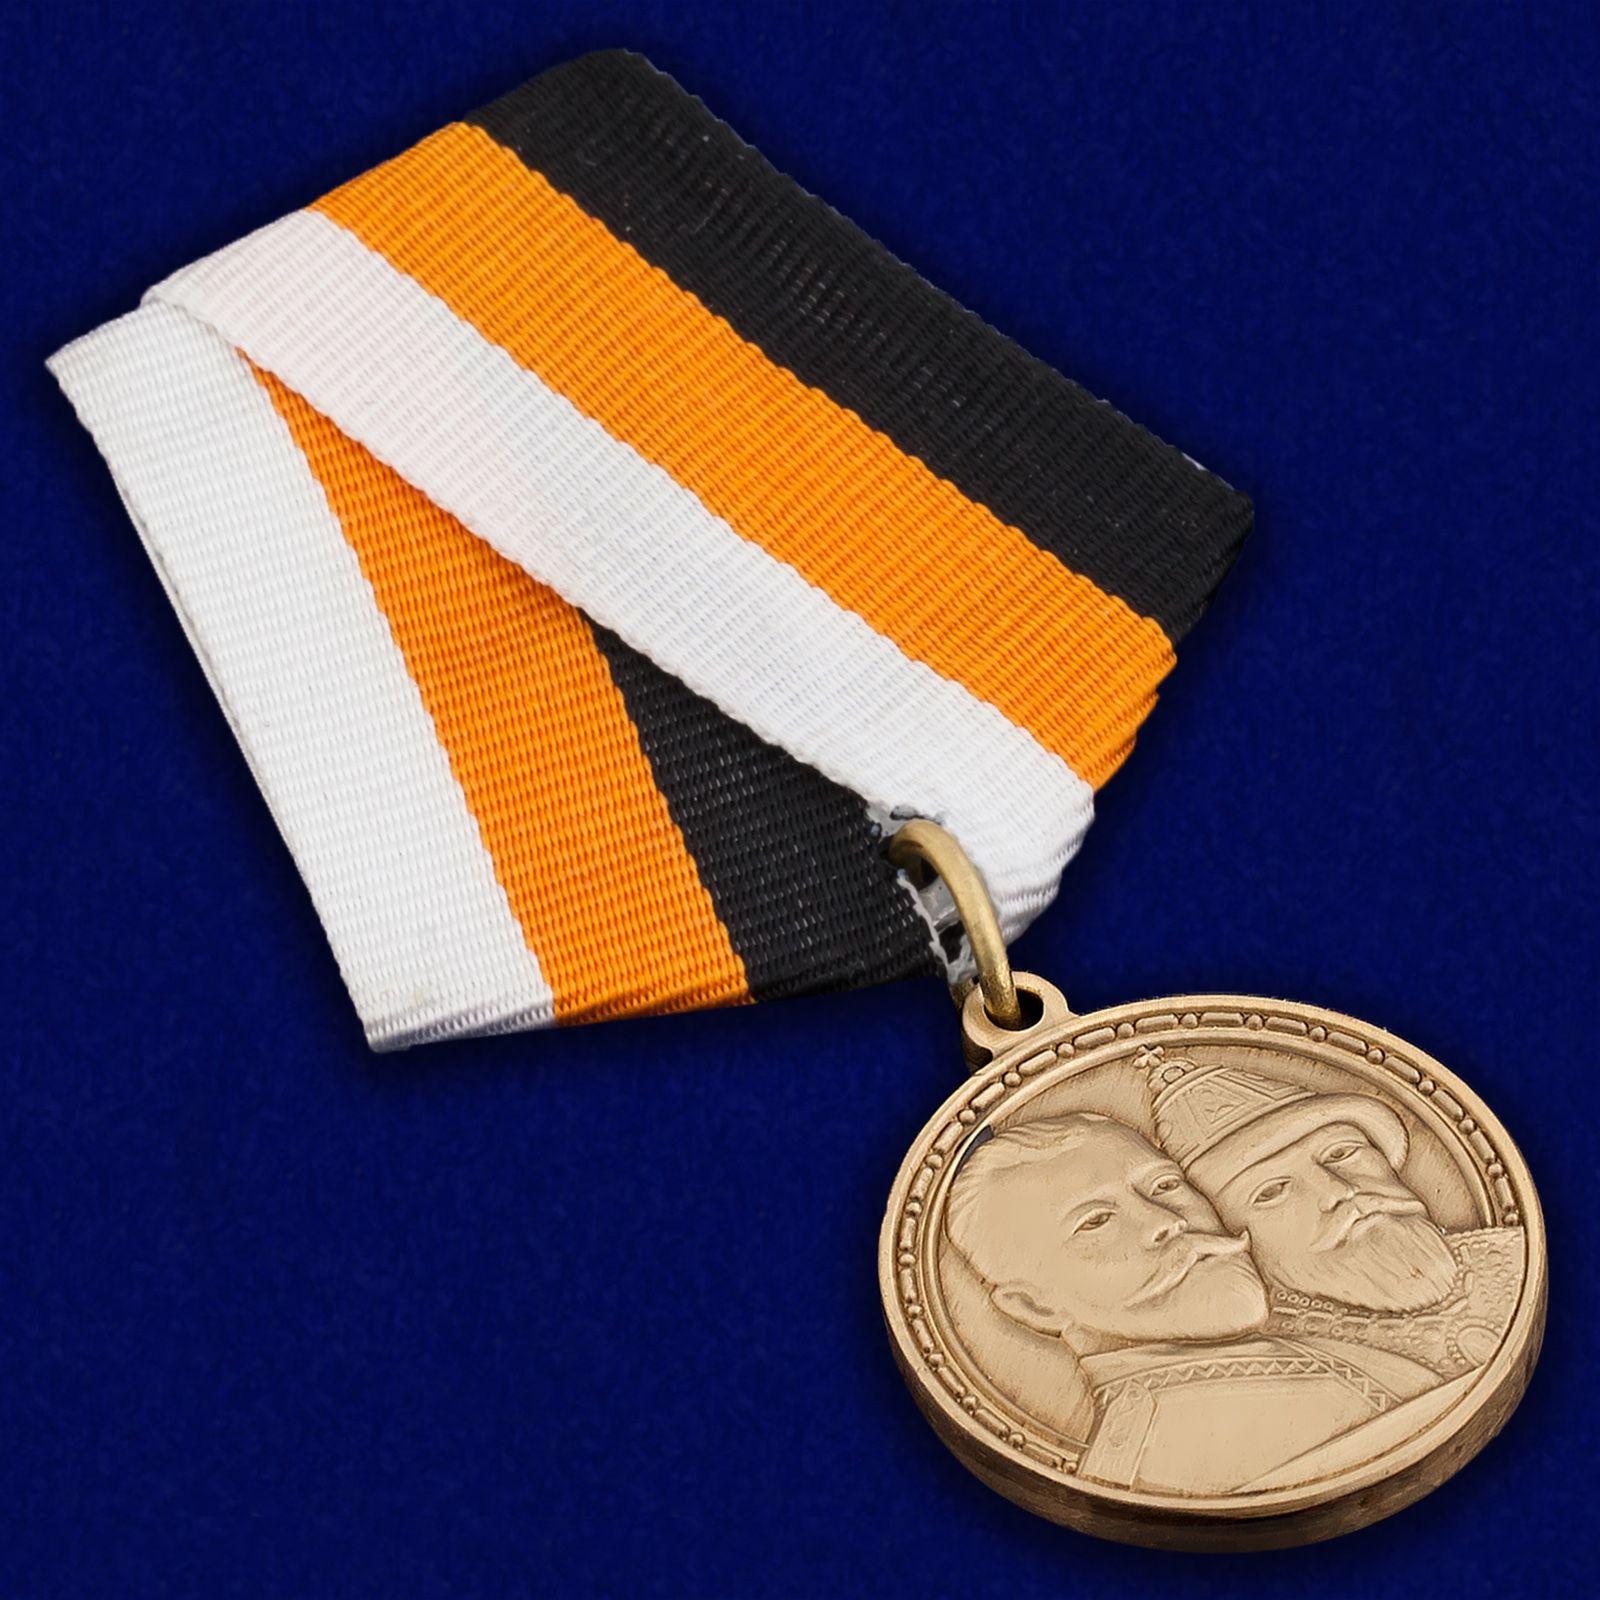 Памятная медаль В память 300-летия царствования дома Романовых - общий вид